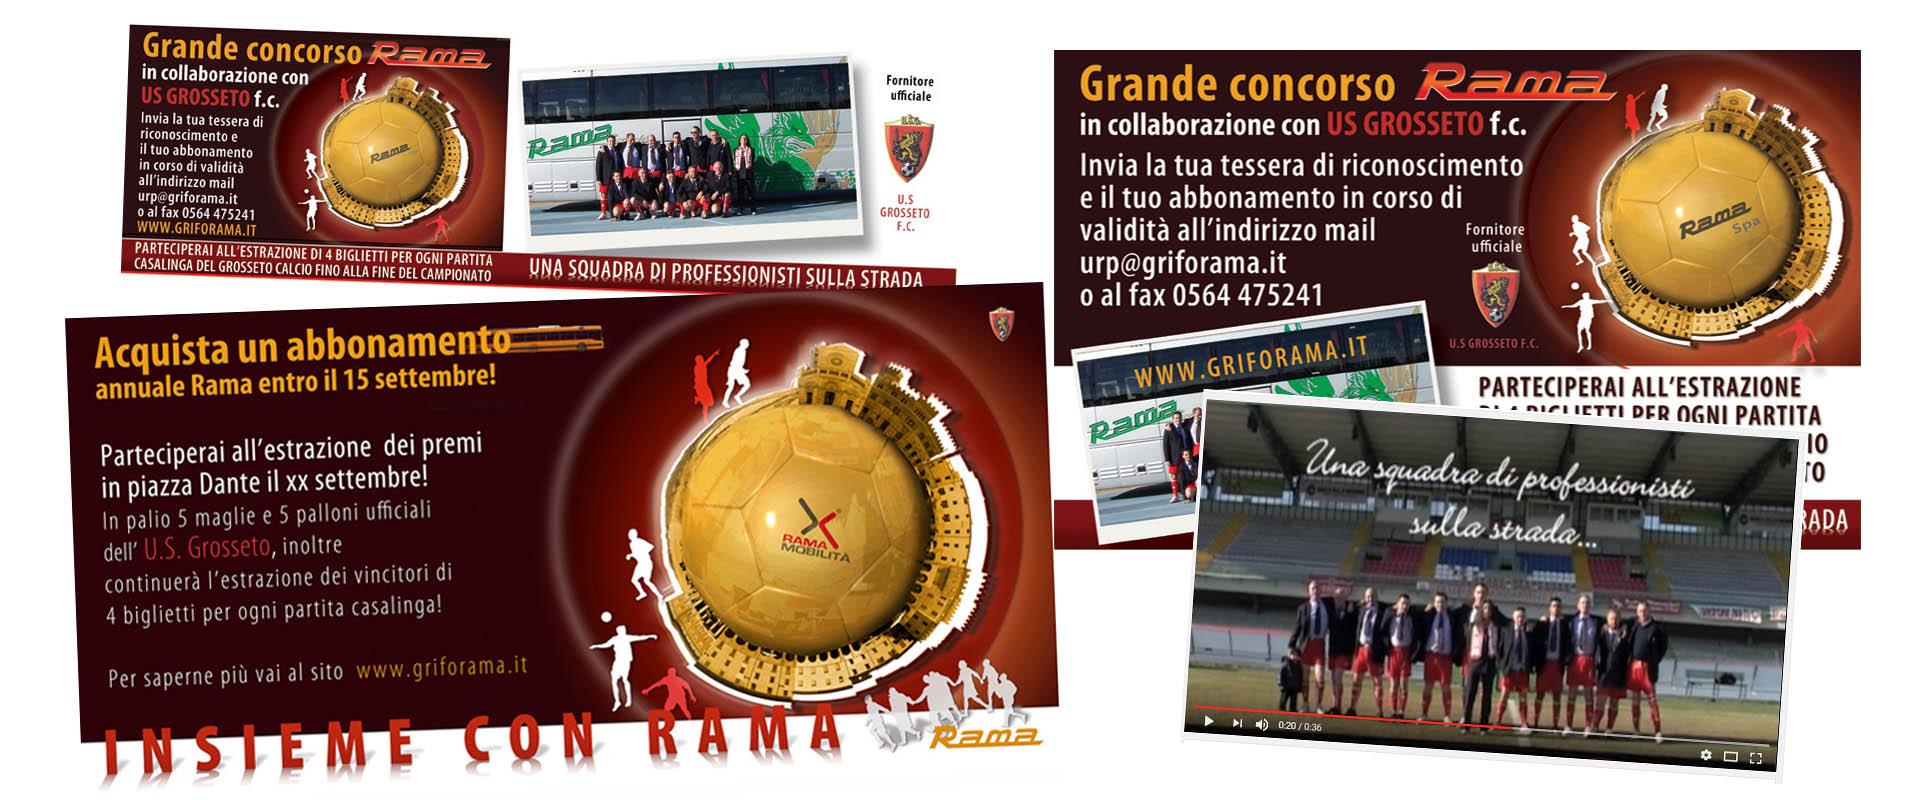 aironic_ugo-capparelli_comunicazione_rama_grosseto_calcio